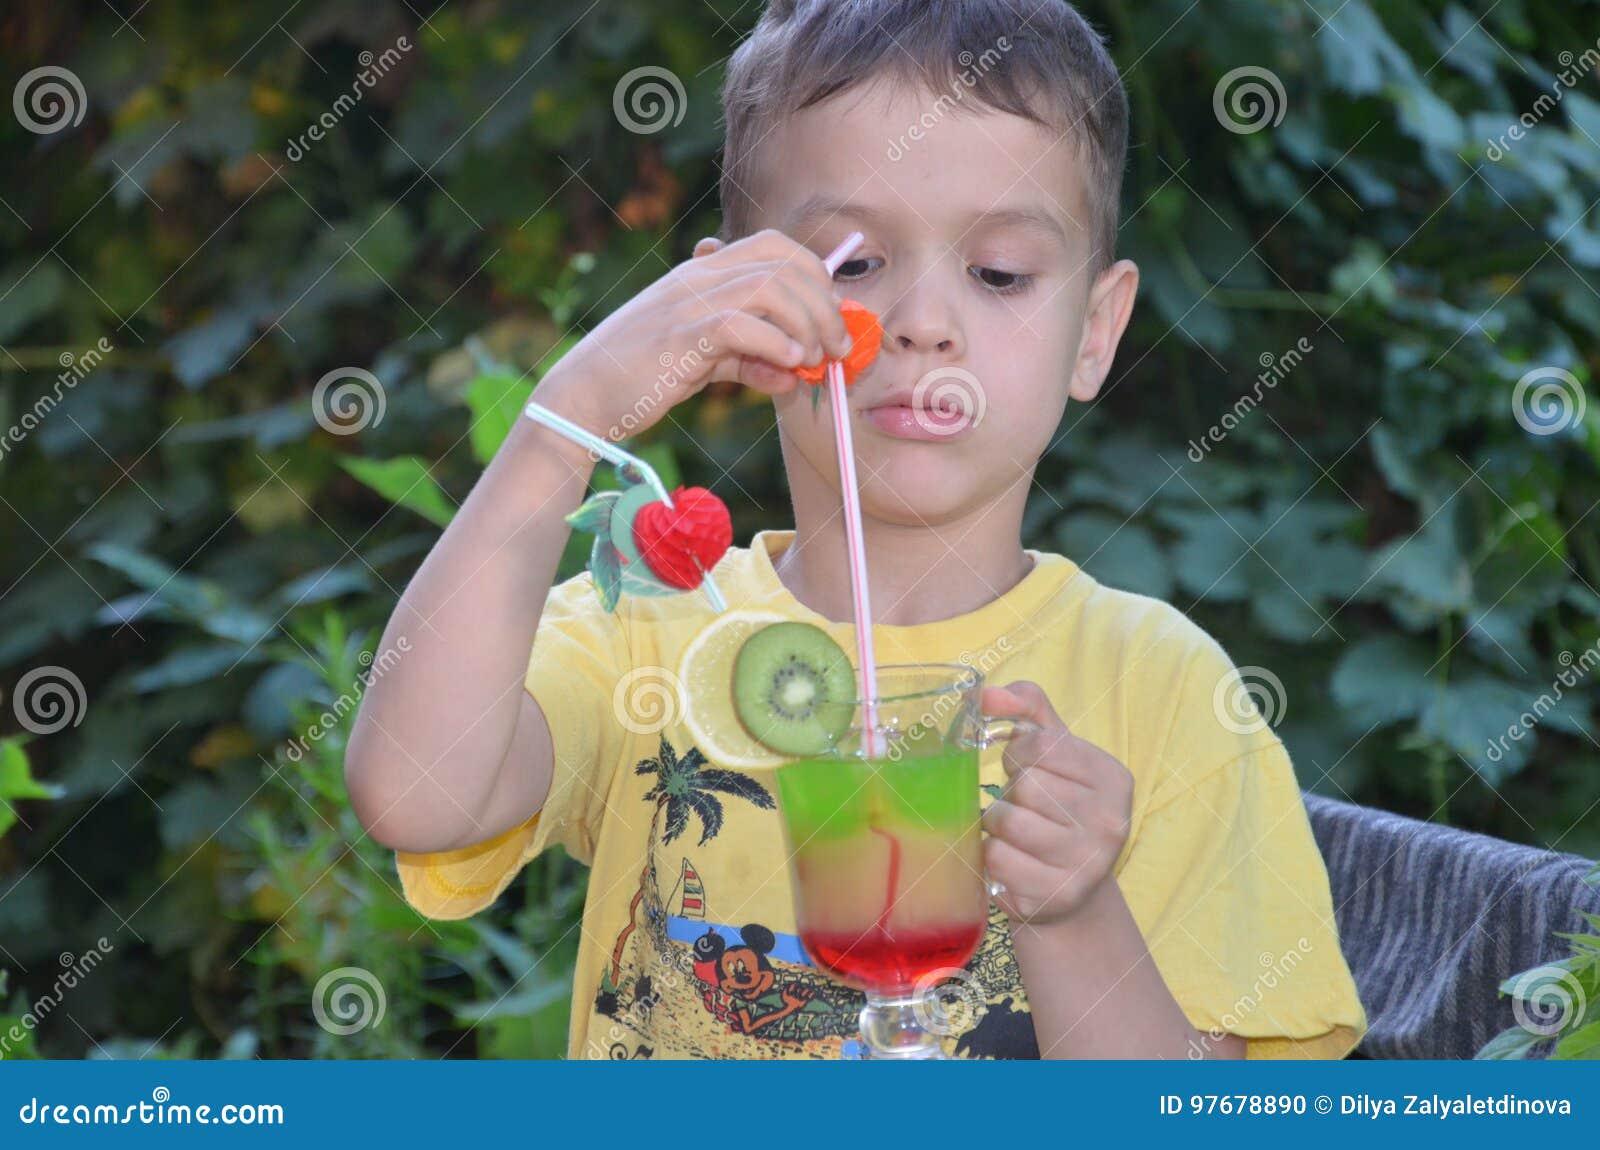 Χαριτωμένο αγόρι που πίνει τον υγιή καταφερτζή χυμού φρούτων κοκτέιλ το καλοκαίρι Ευτυχές παιδί που απολαμβάνει το οργανικό ποτό